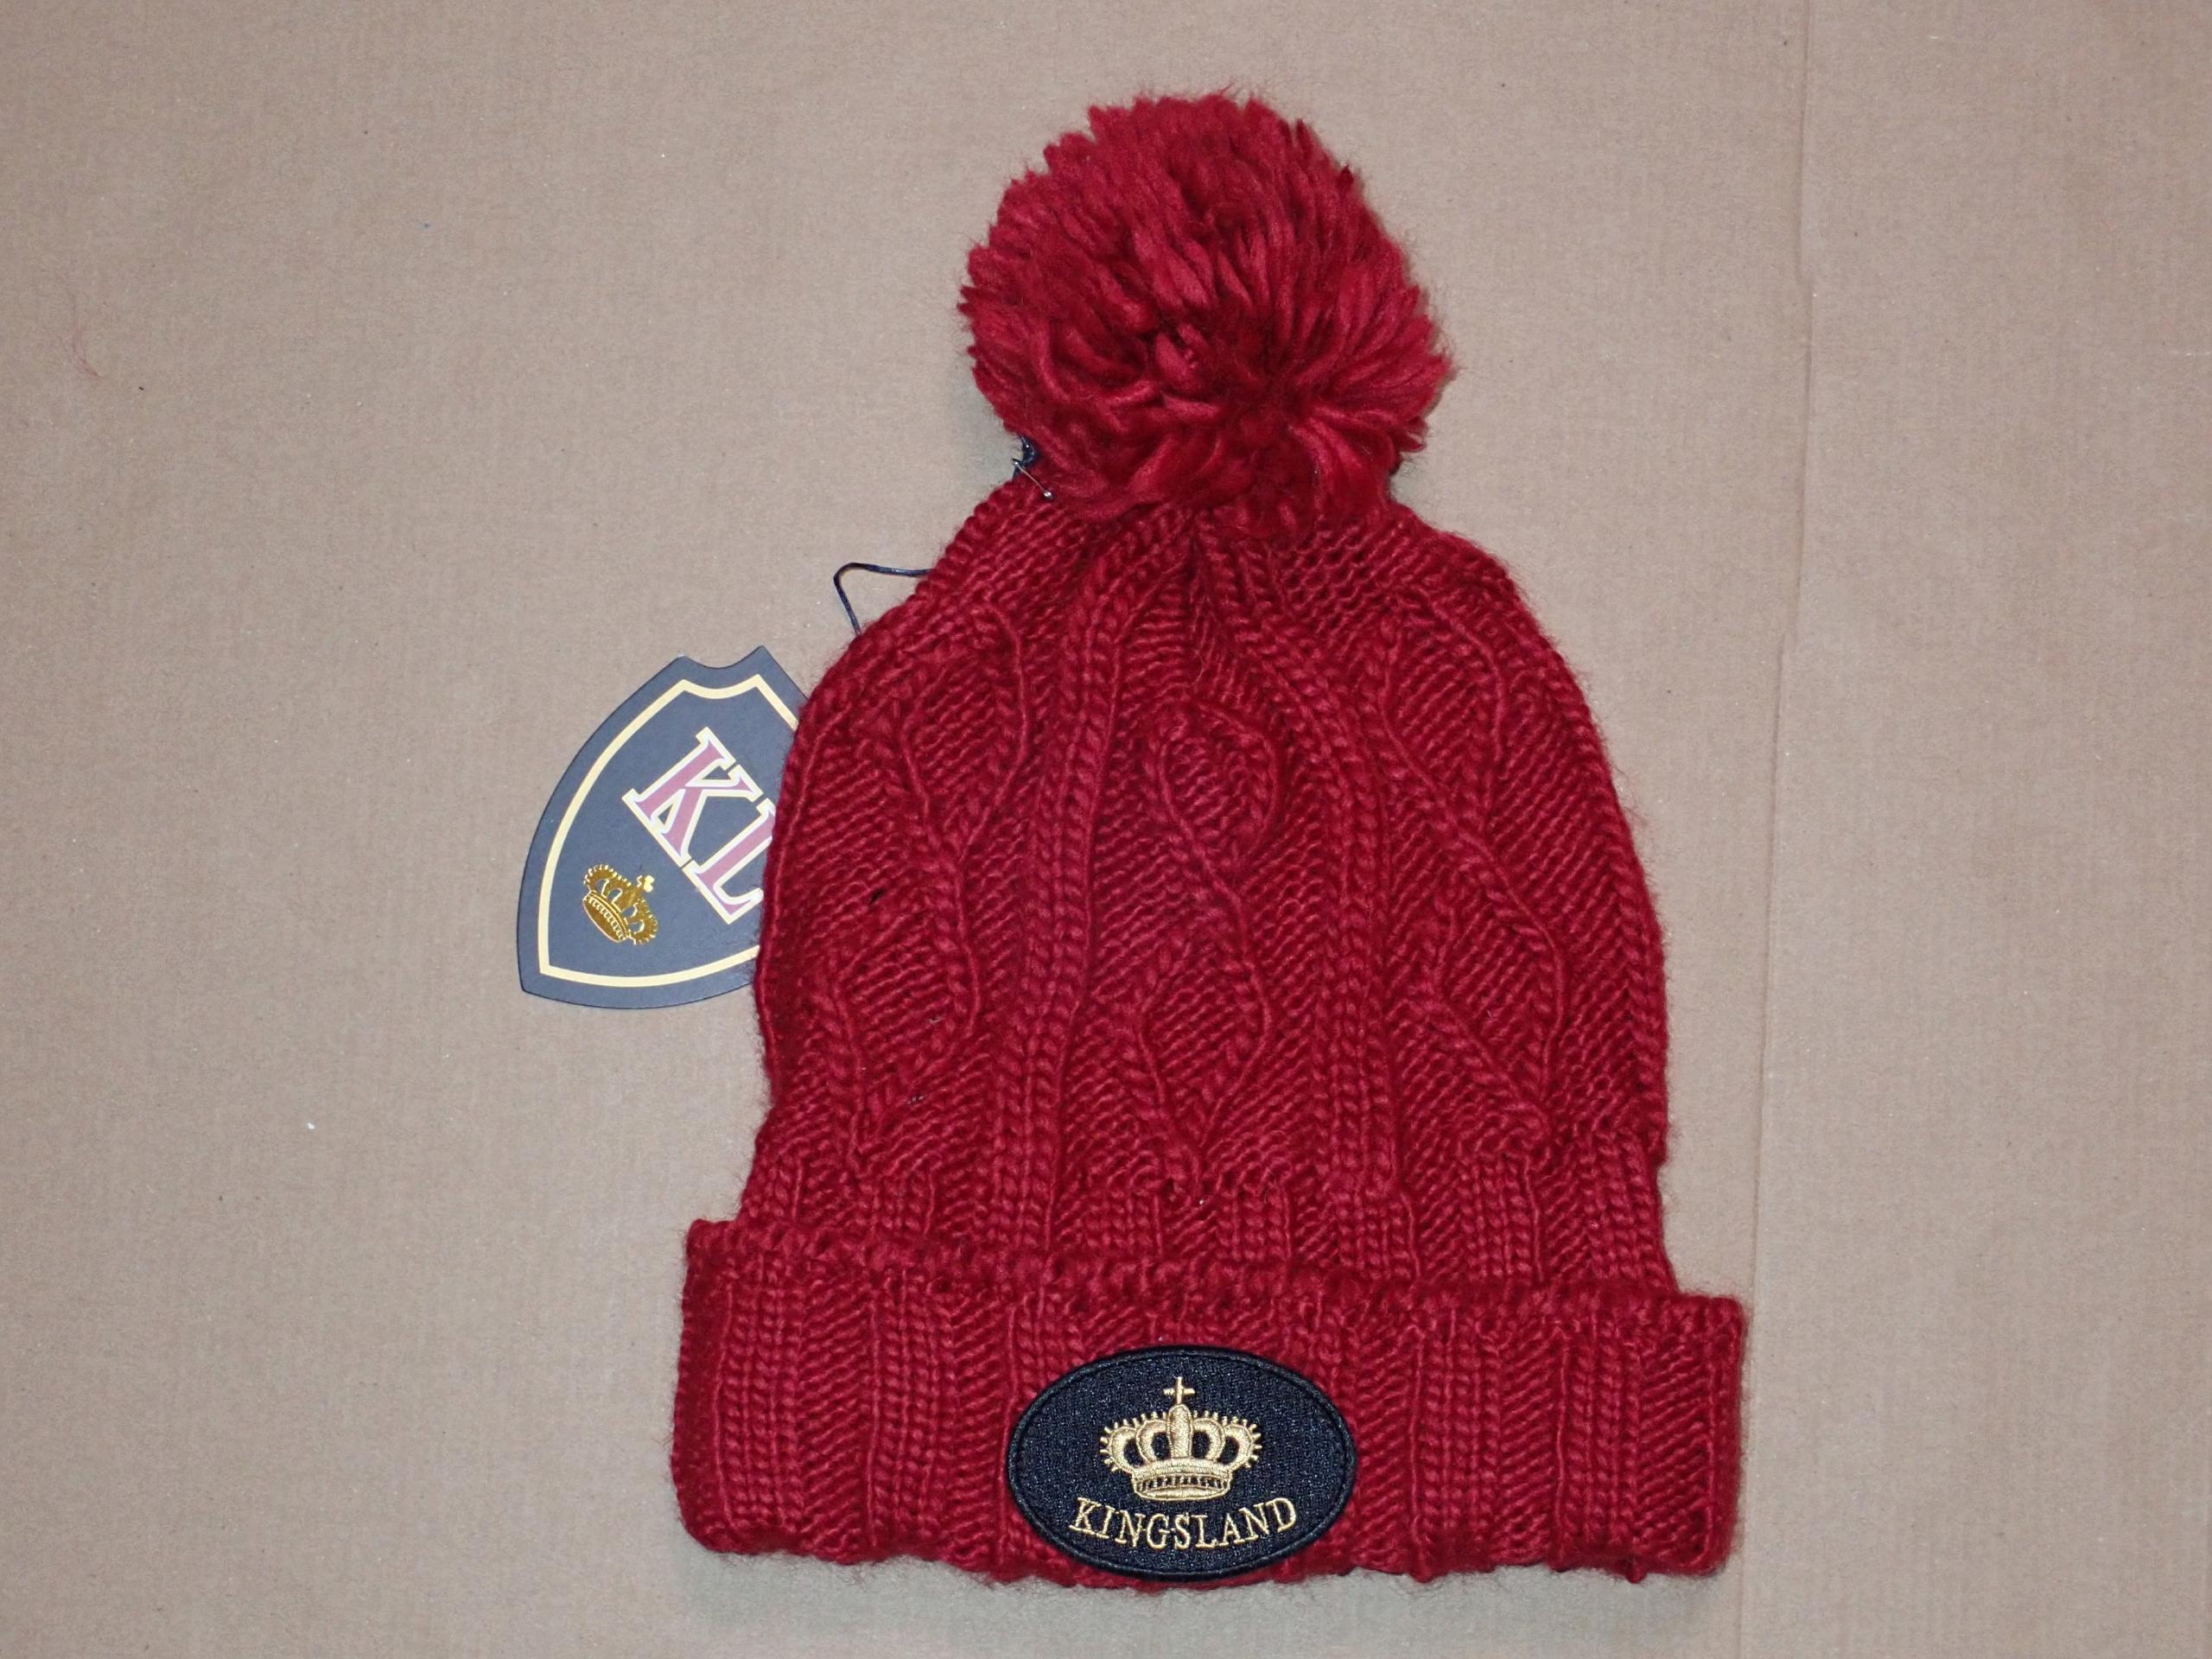 7fa361b5dffcdc KINGSLAND - czapka unisex, 50% MERINO - NOWA - 7689667807 ...